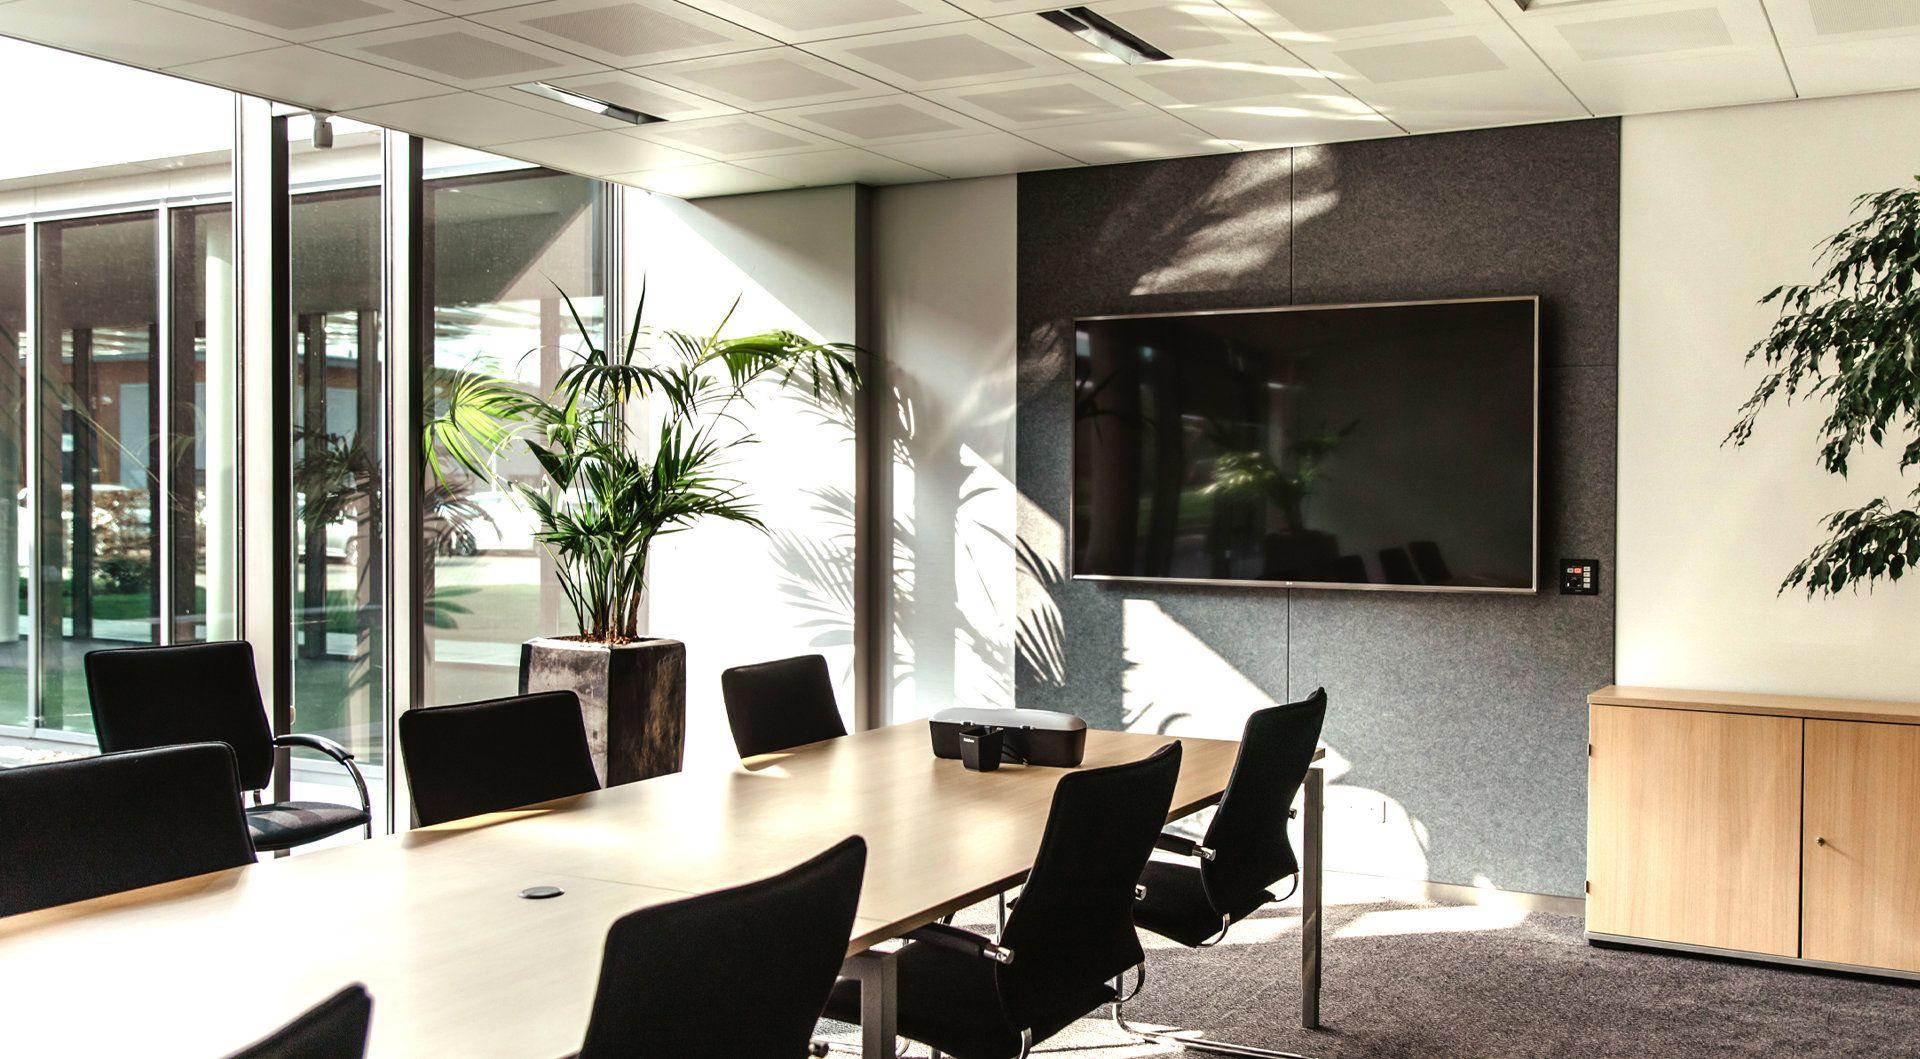 Chief LCM1U flat panel plafond steun Zwart - Case studie de vries